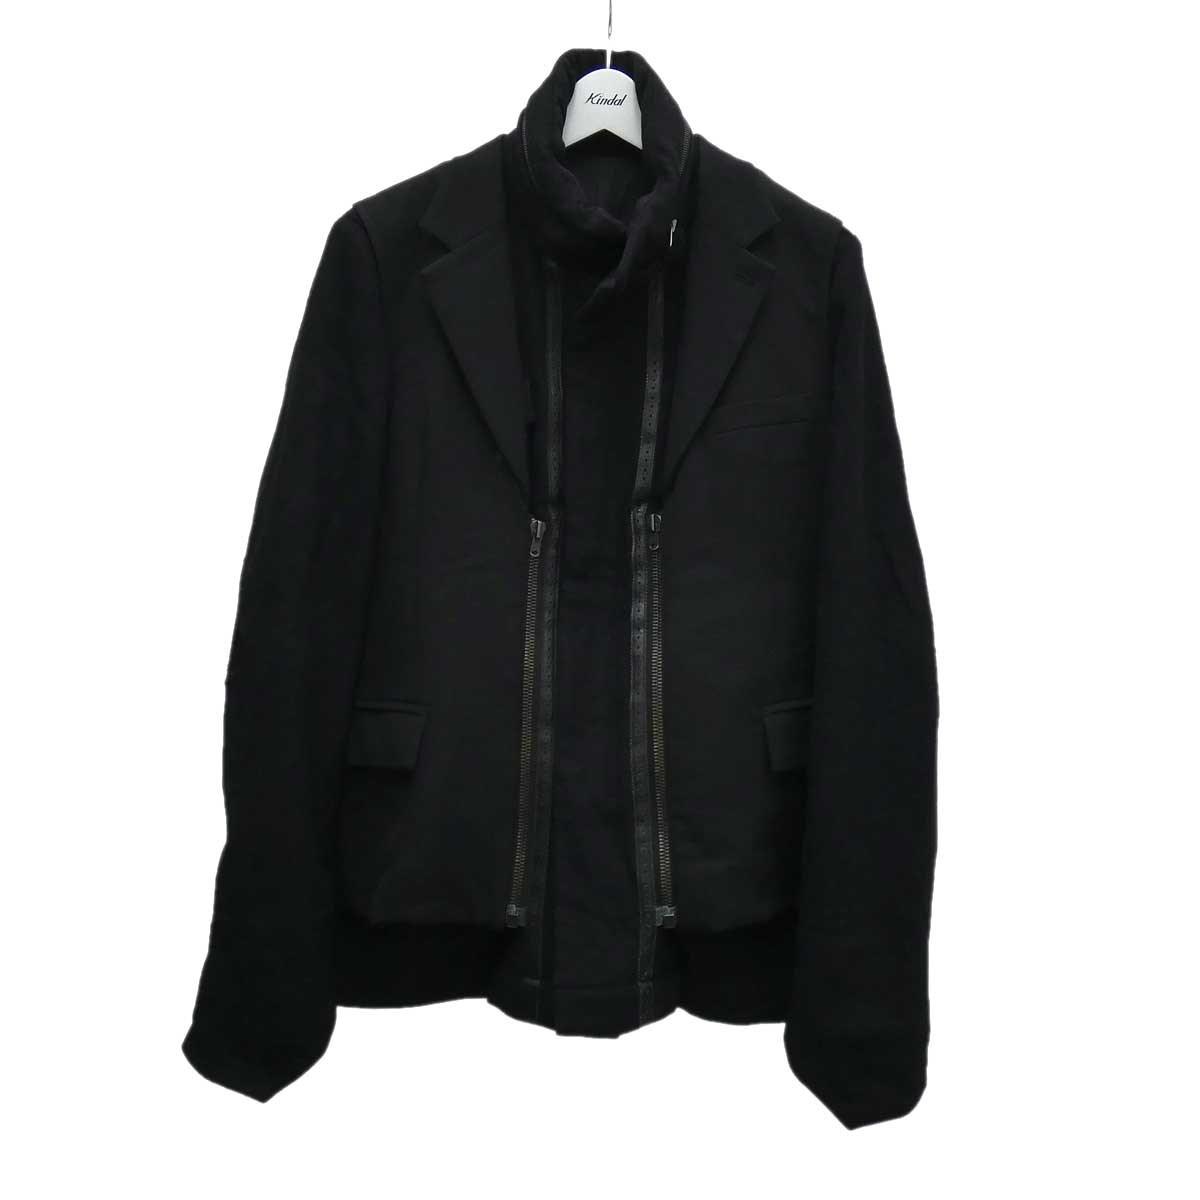 【中古】NUMBER(N)INE ドッキングウールジャケット ブラック サイズ:2 【230820】(ナンバーナイン)